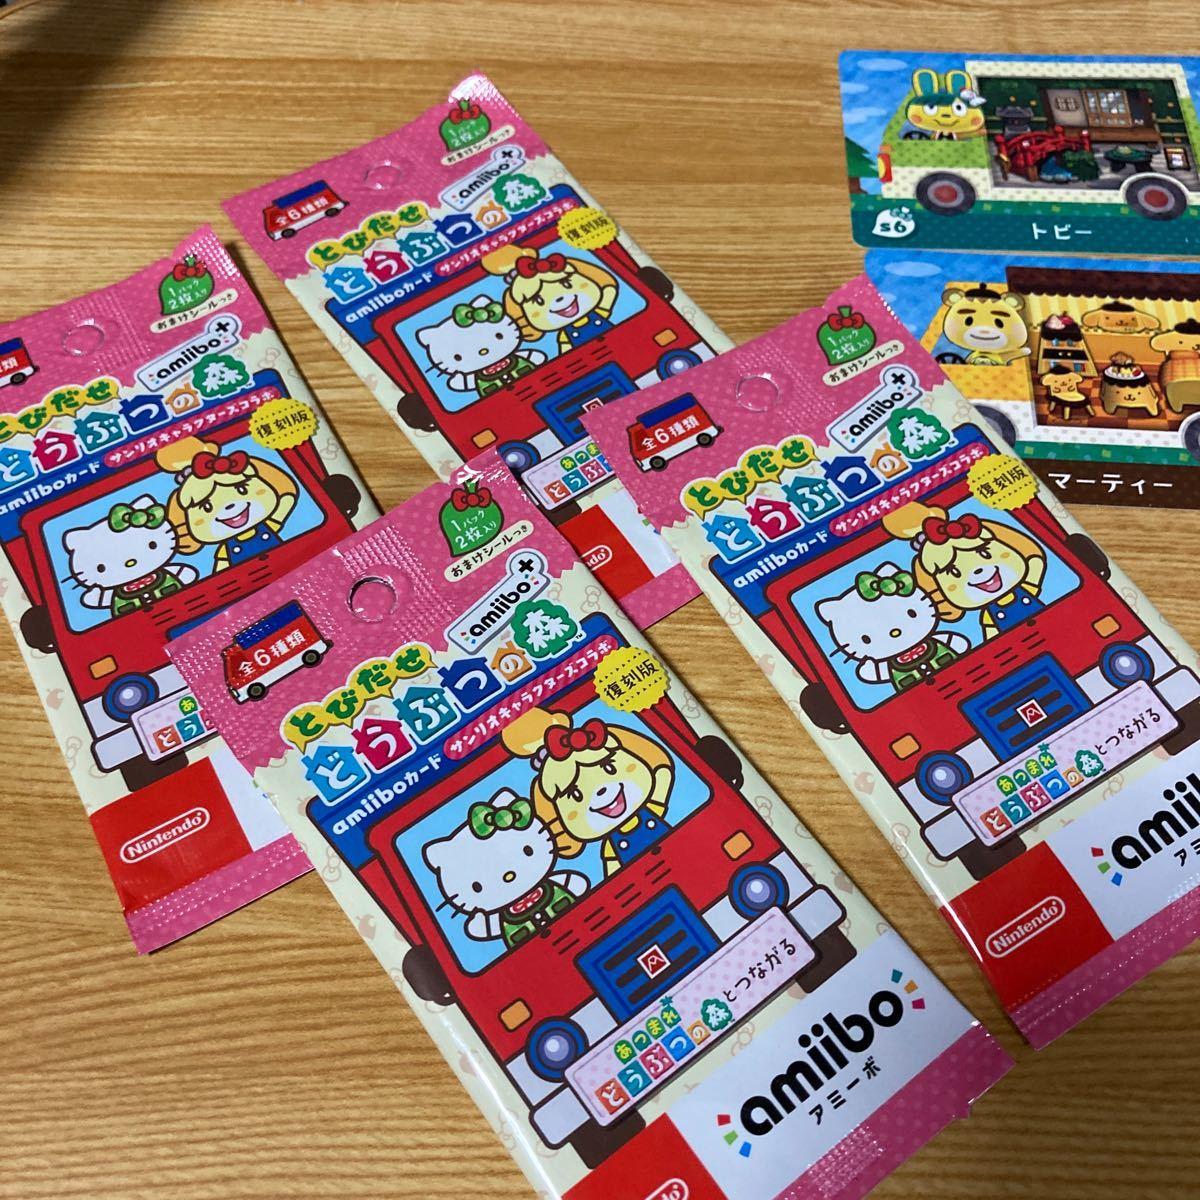 どうぶつの森 サンリオ アミーボカード amiiboカード 未開封 4パック+おまけカード同梱歓迎!